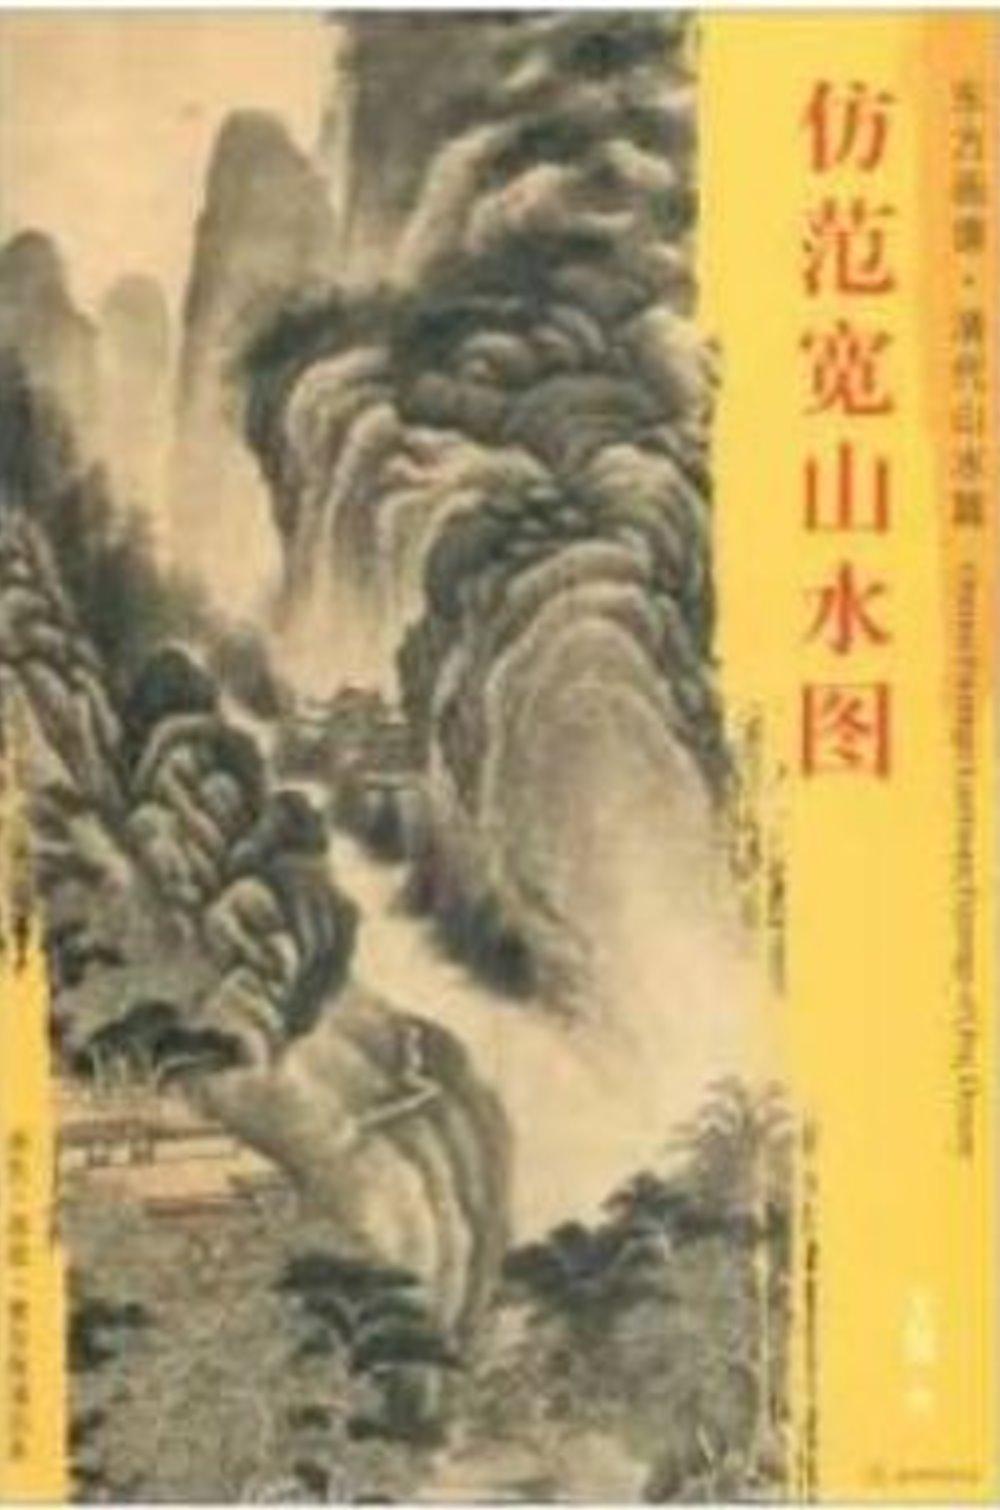 東方畫譜·清代山水篇·仿范寬山水圖